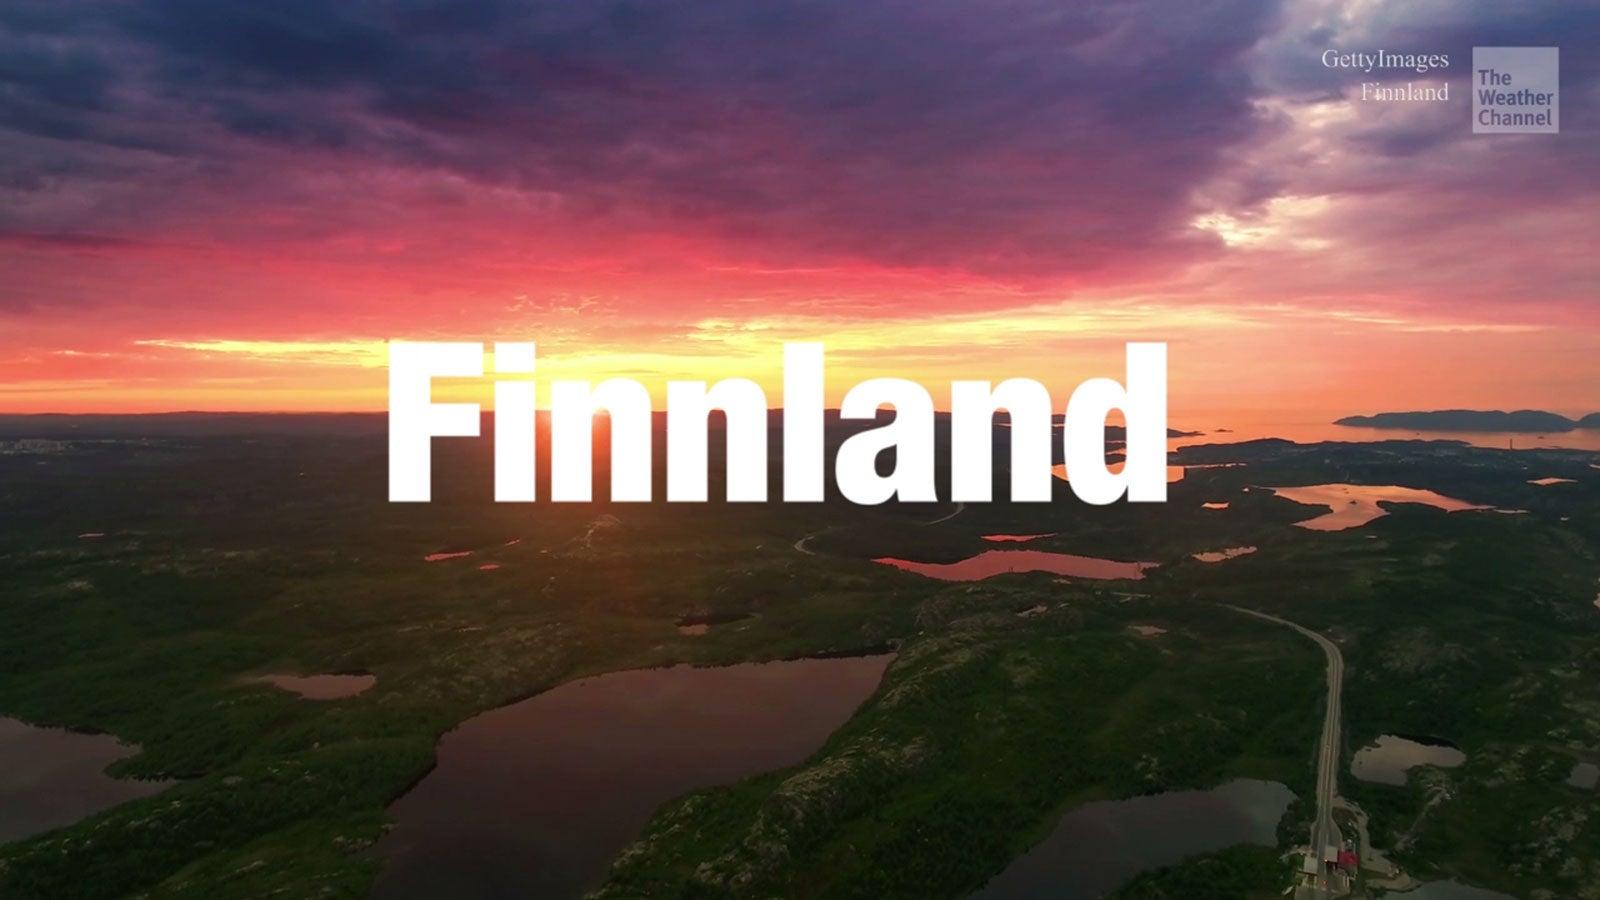 Virtuelle Reise durch Finnland